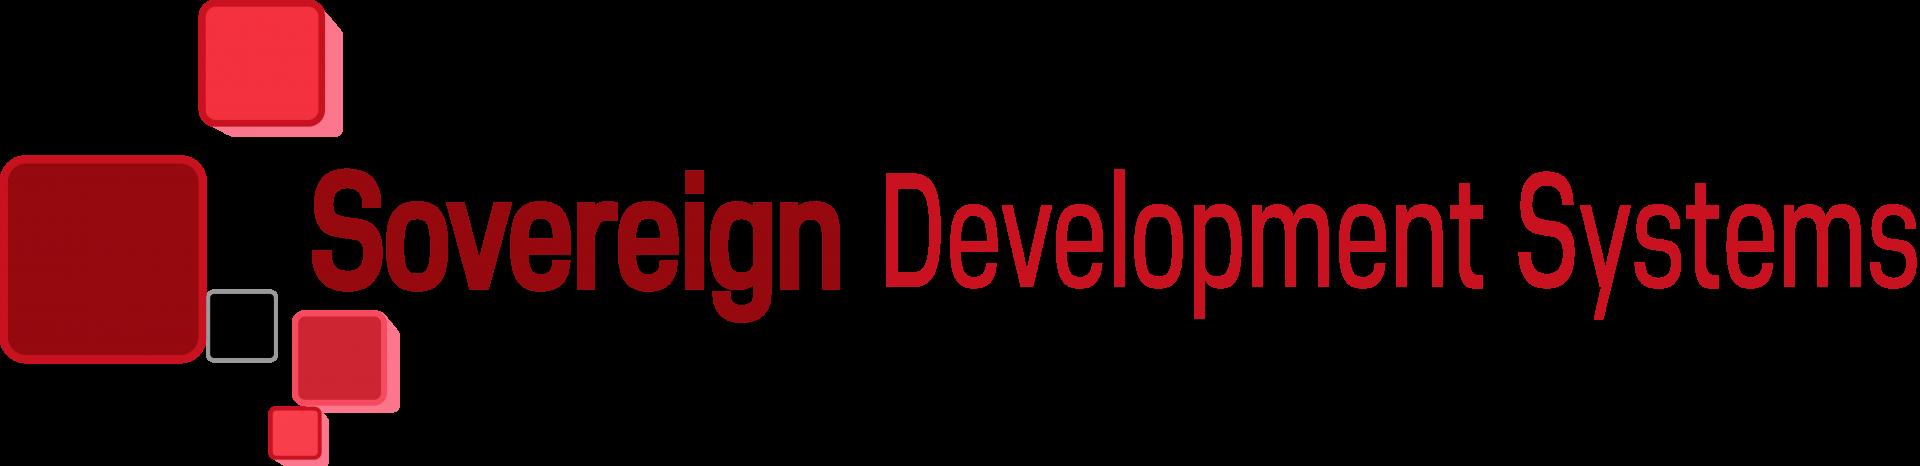 Sovereign Development Systems, Sage in Bishop's Stortford